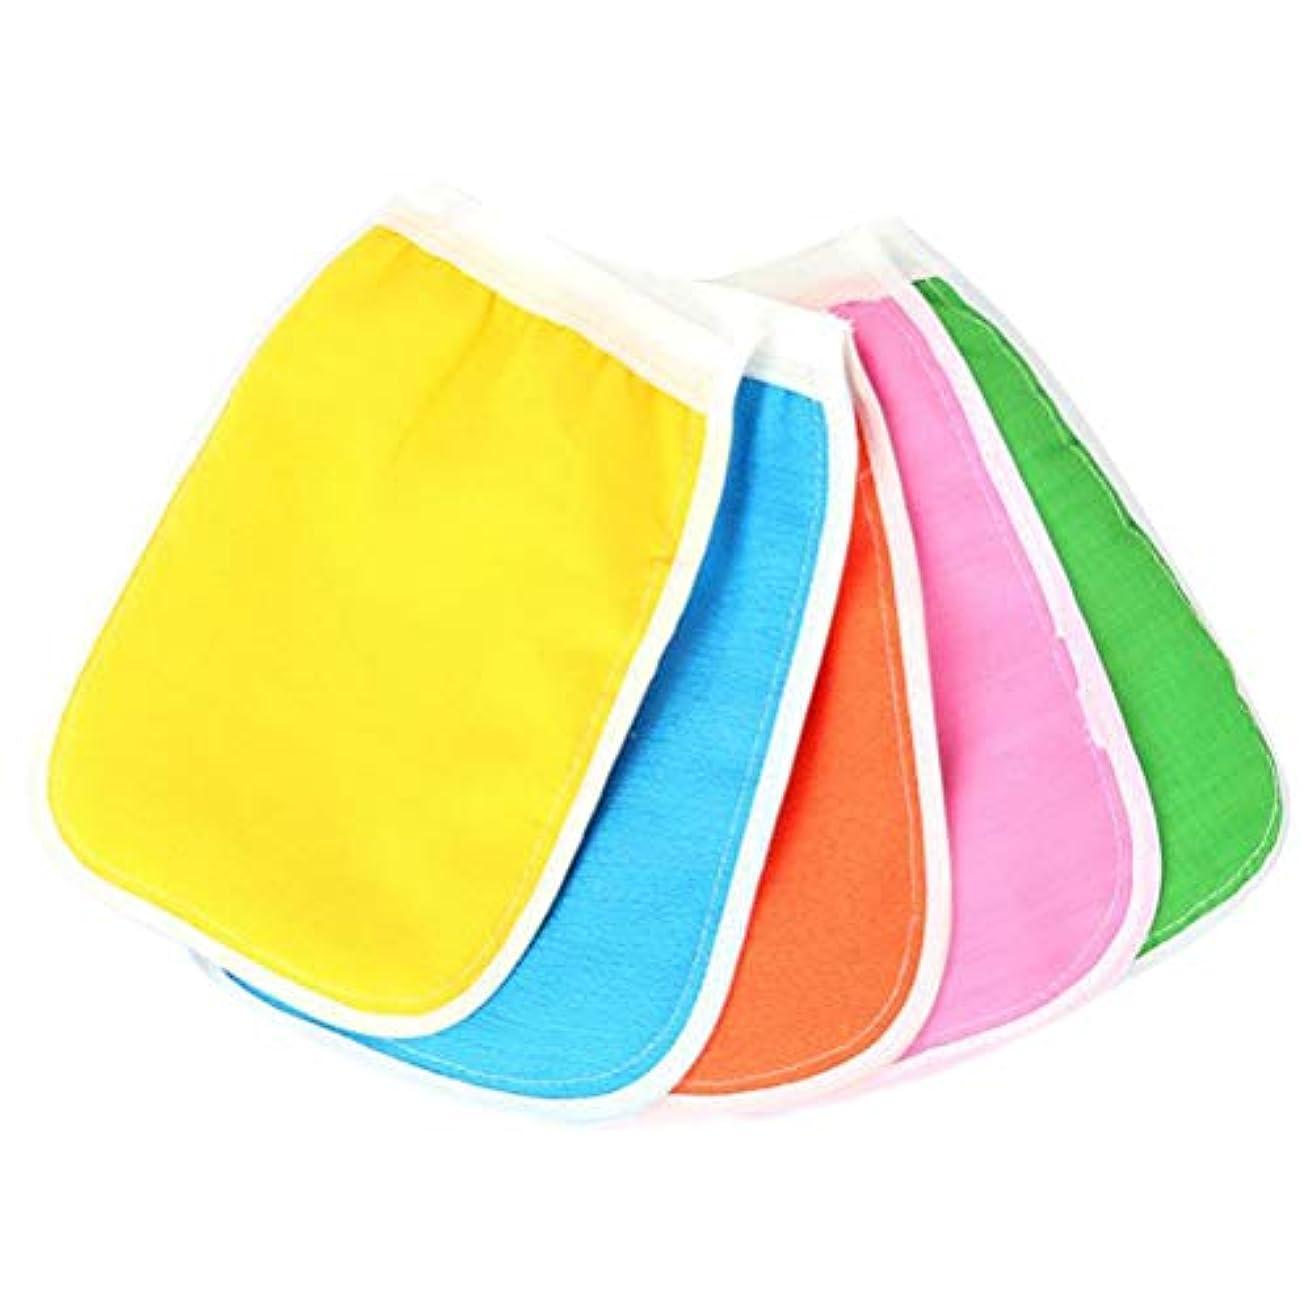 トリップインタラクション歩き回るHEALIFTY ボディスクラブミトン手袋入浴シャワースパ用クレンジングツール(混色)のための5本の剥離手袋